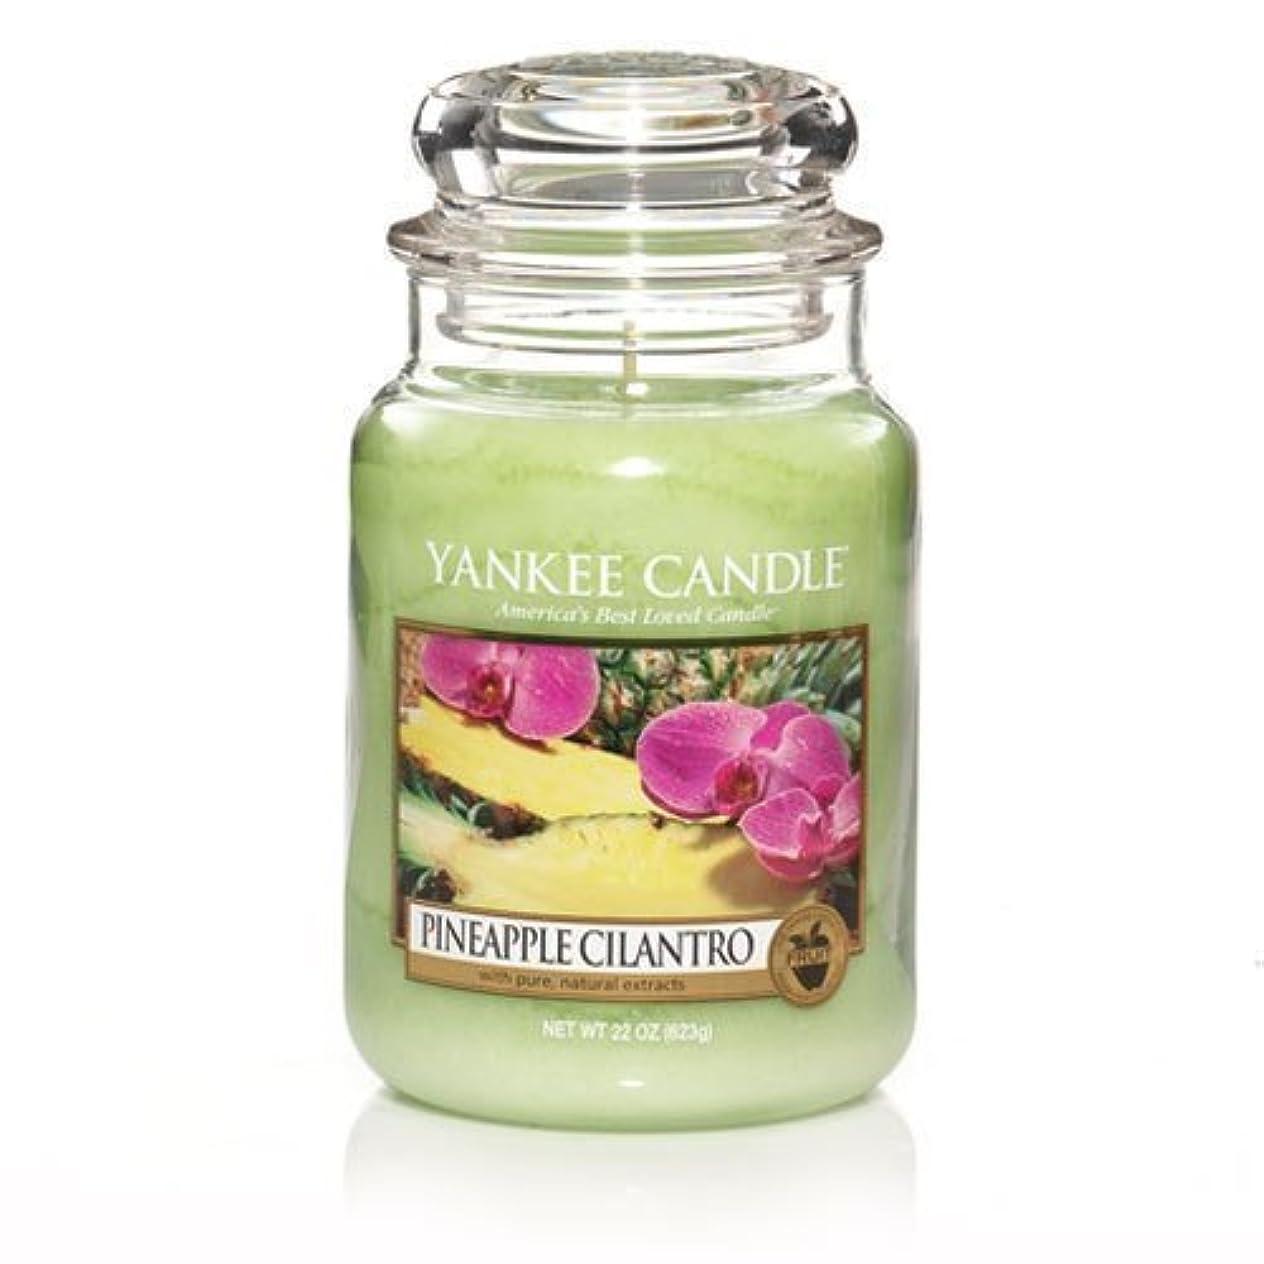 溶岩ファイバ考慮Yankee Candle Pineapple Cilantro Large Jar 22oz Candle by Amazon source [並行輸入品]